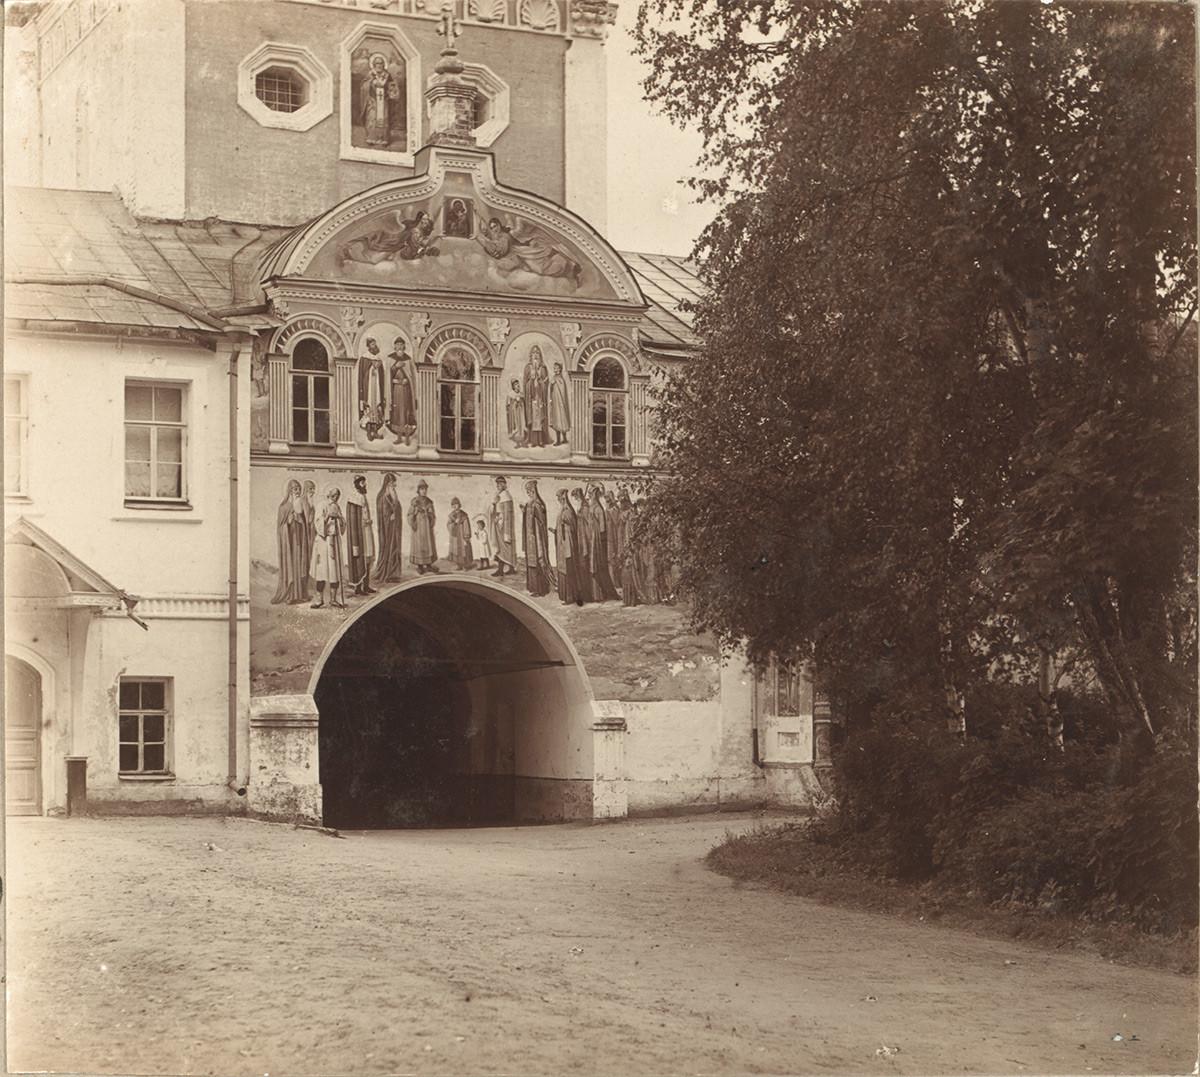 Puerta Santa e Iglesia de San Nicolás. Vista este. 1910